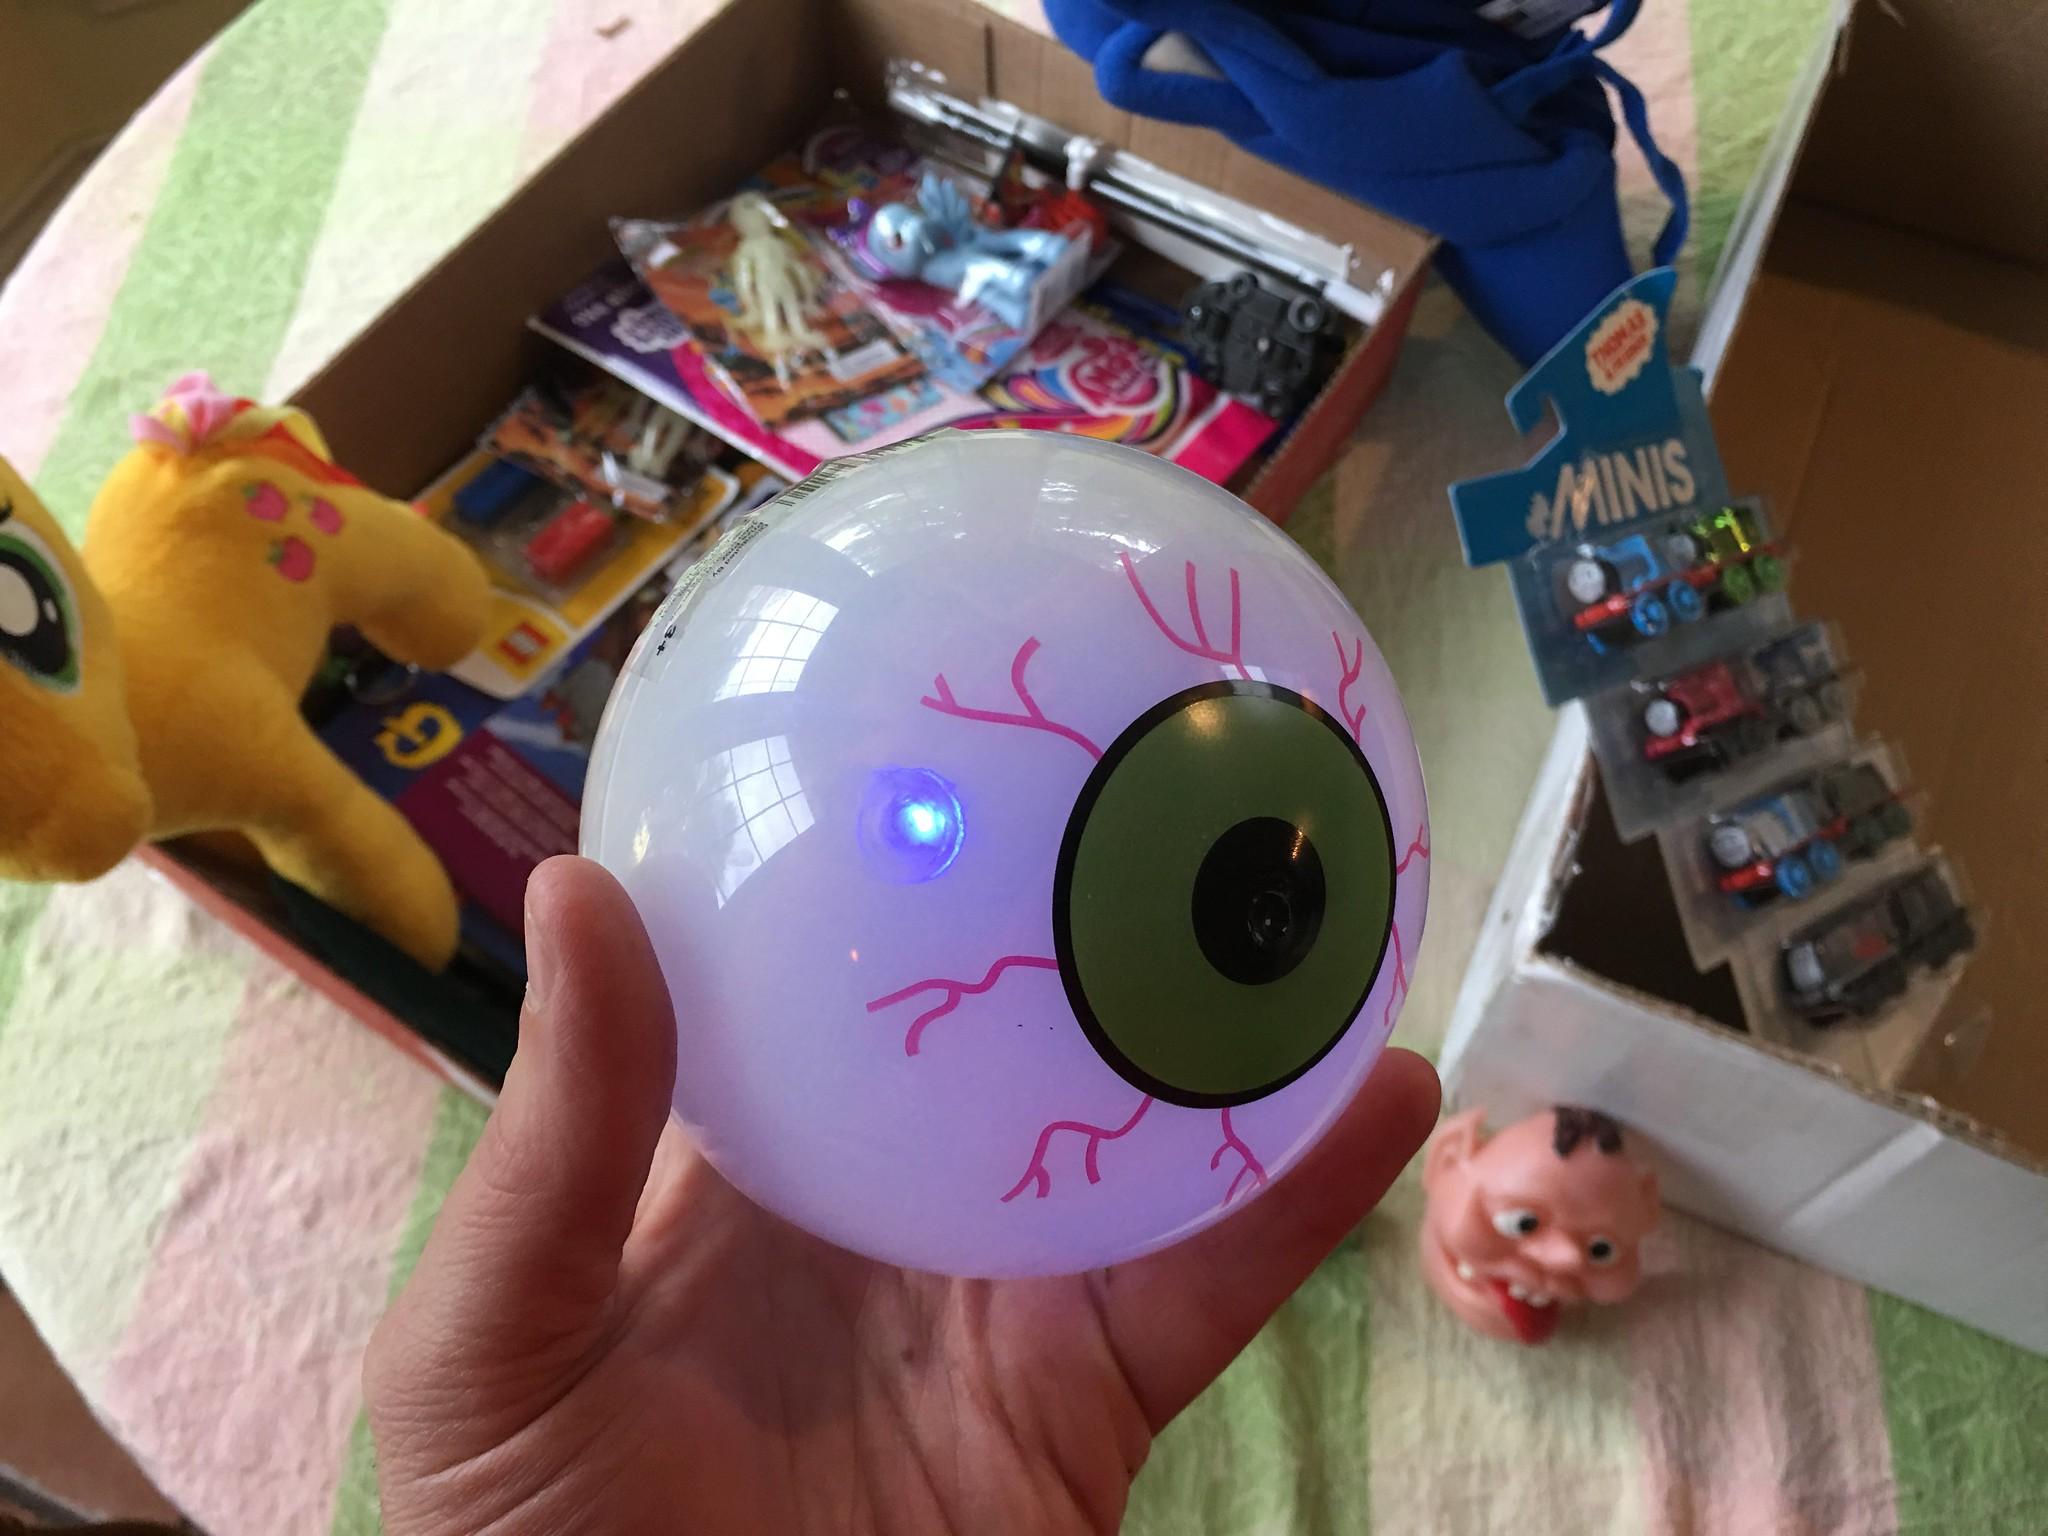 Glowing Eyeball